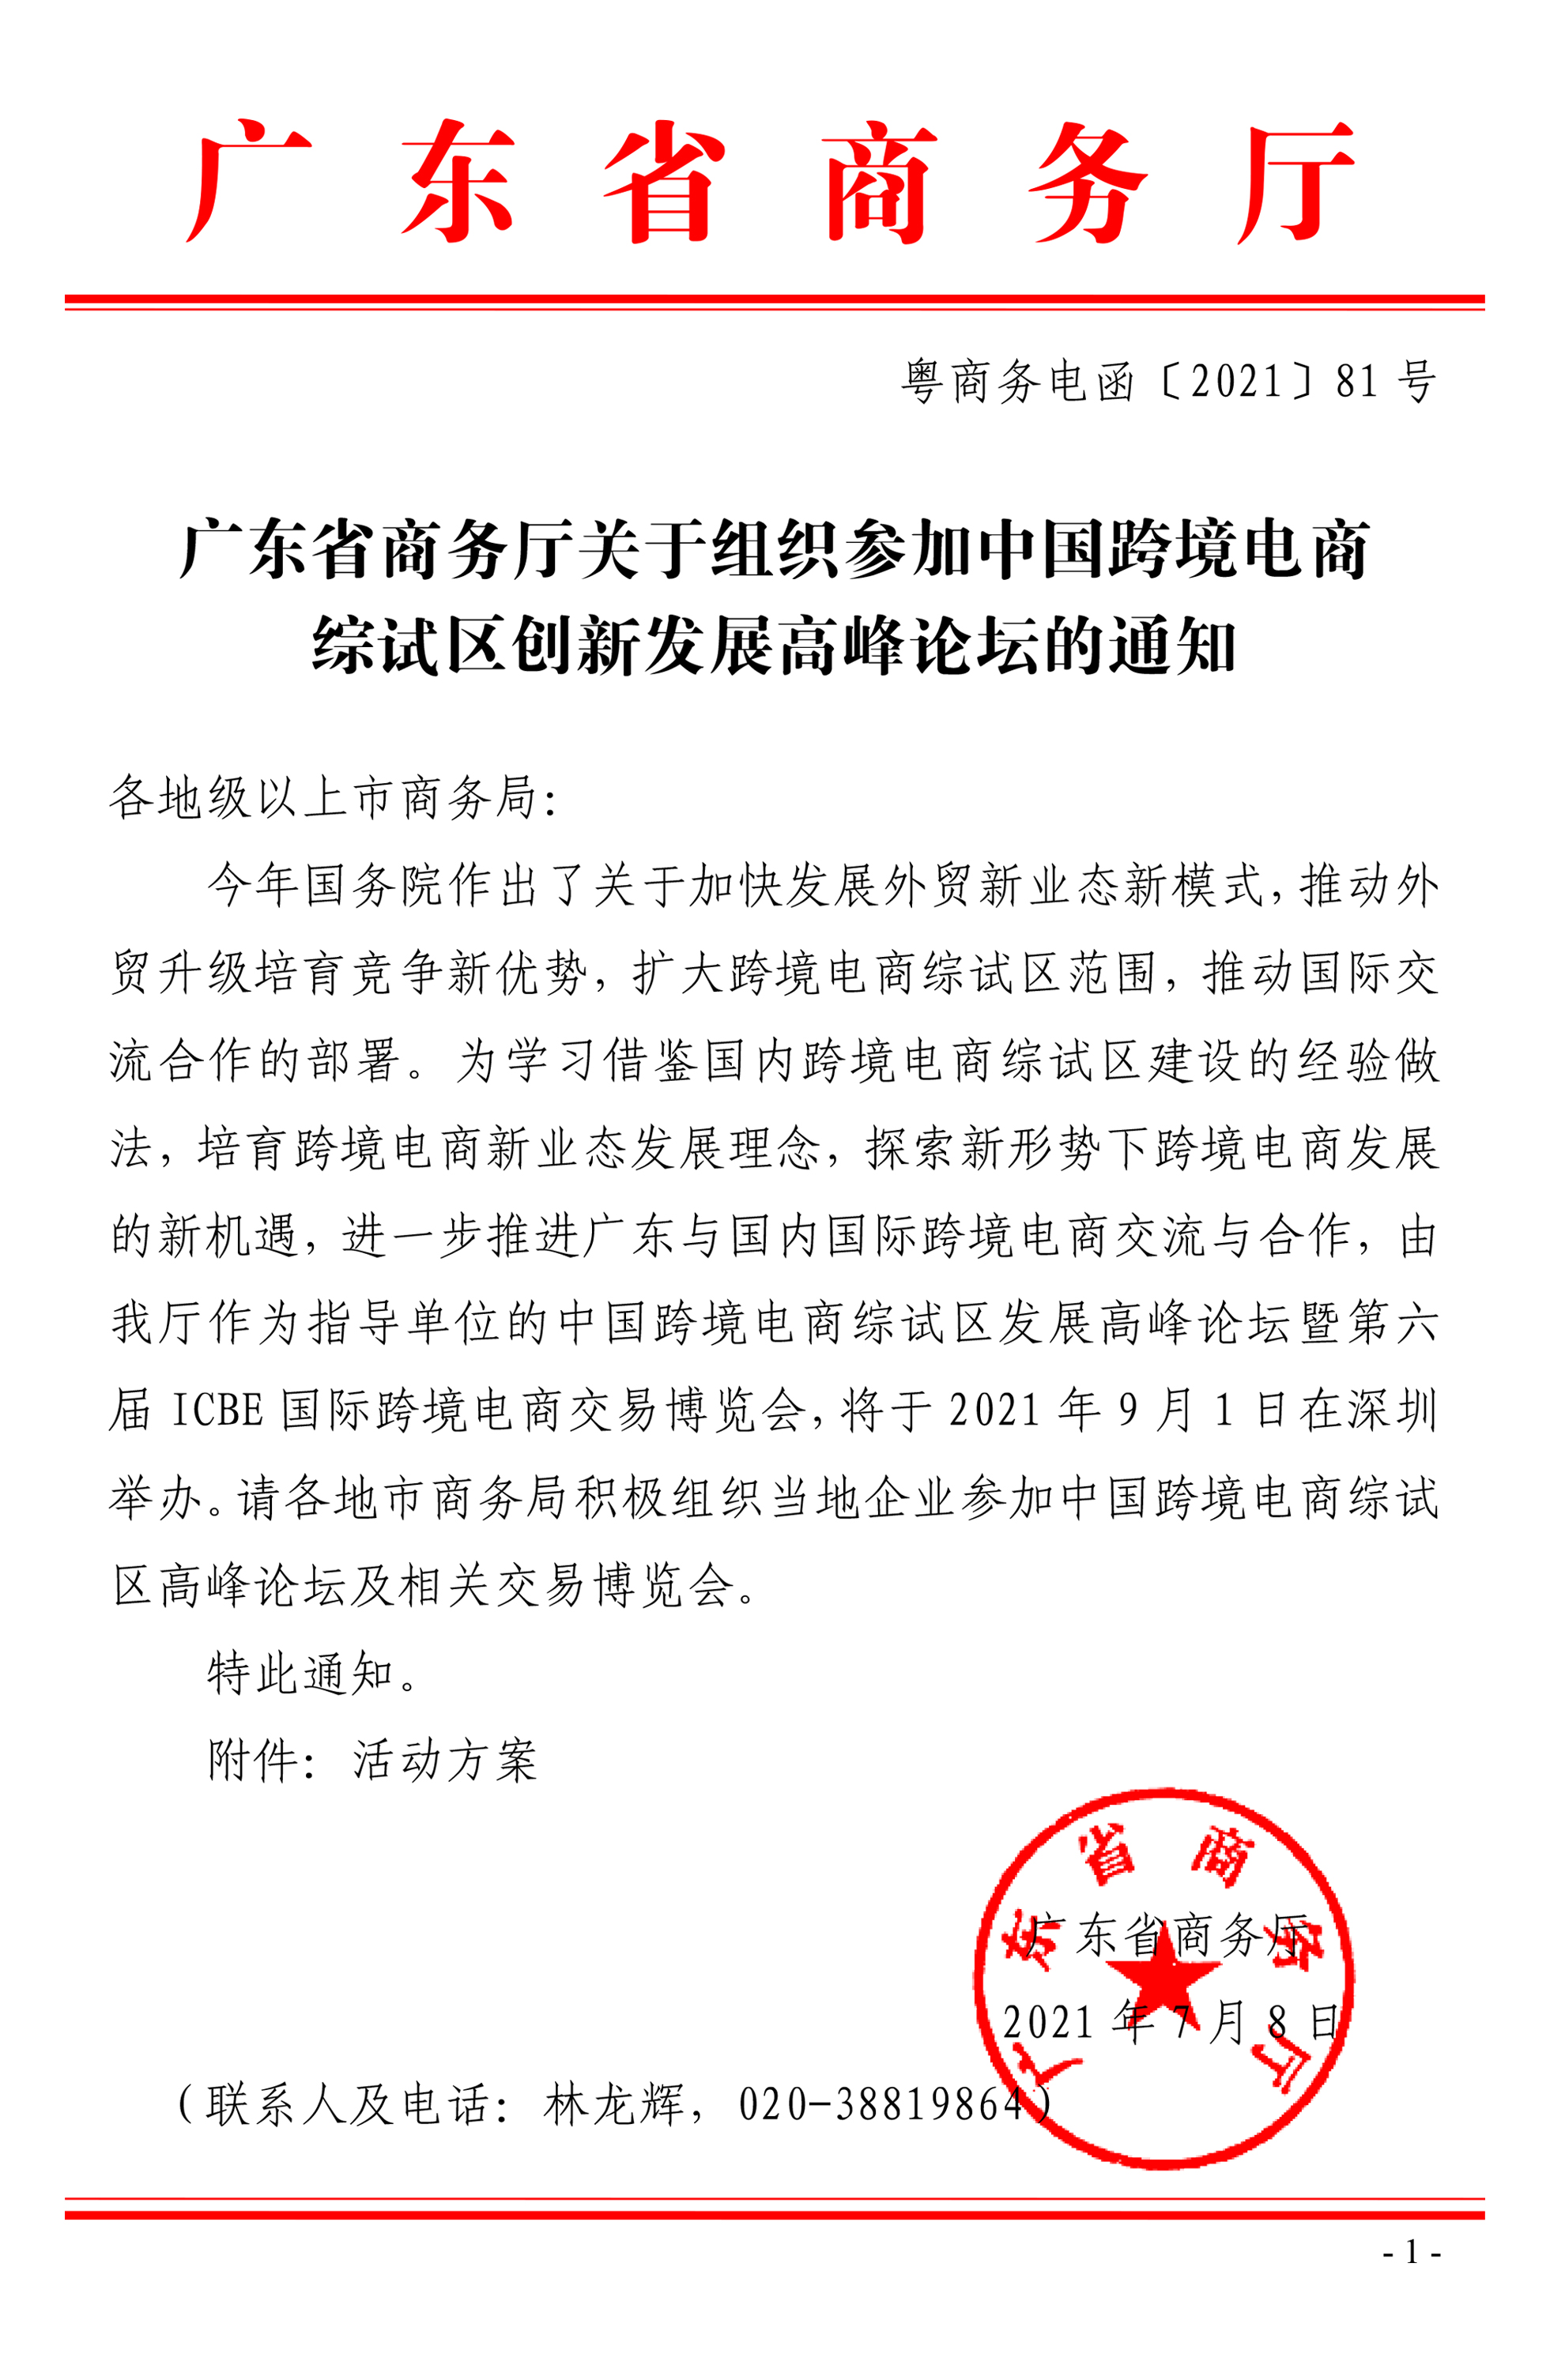 ICBE跨交会获广东省商务厅撑持,助力中国优异跨境电商行业连锁展